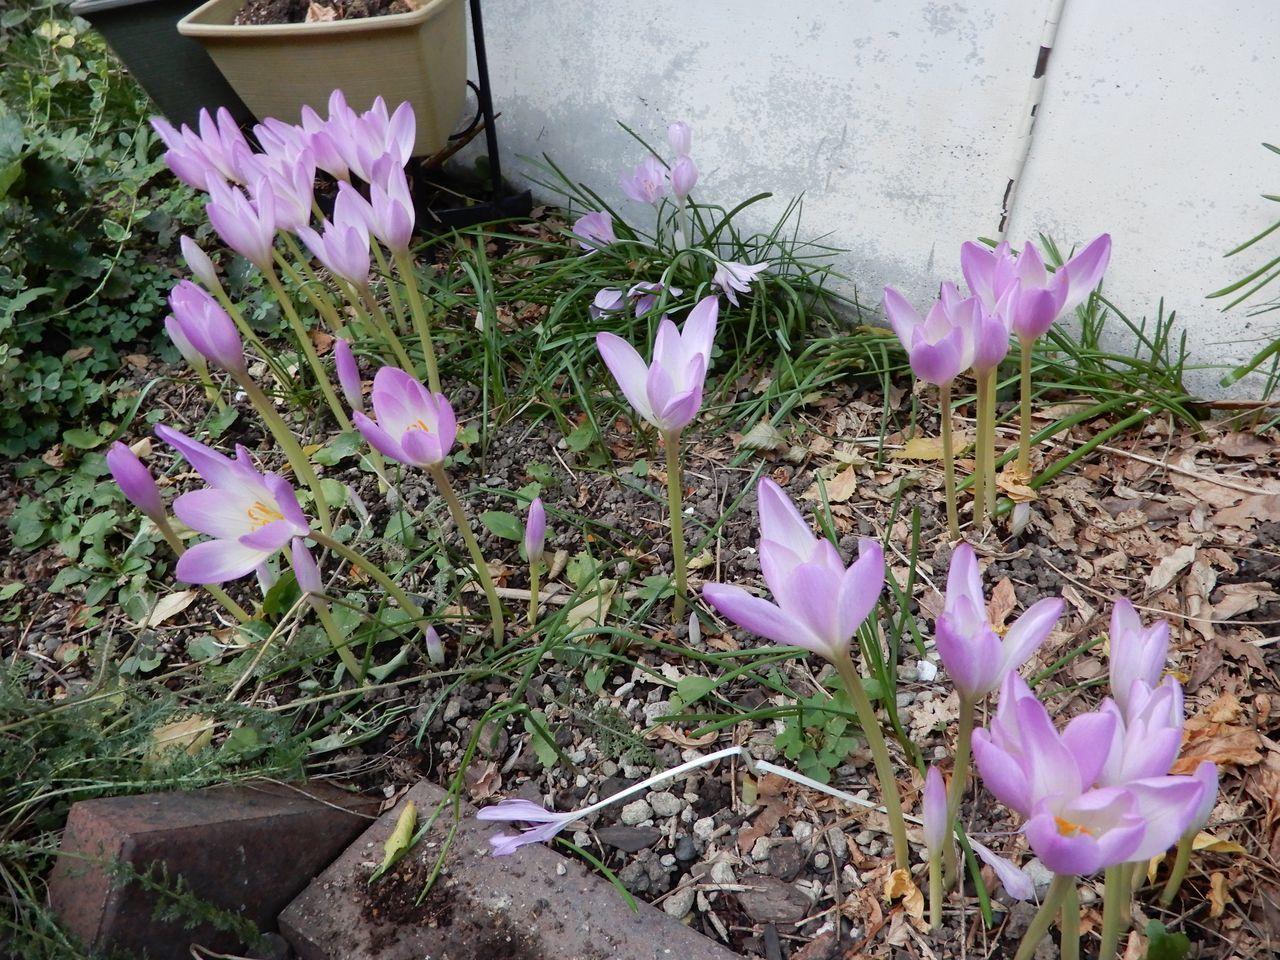 季節は仲秋・秋分・むしかくれてとをふさぐ_c0025115_20554105.jpg